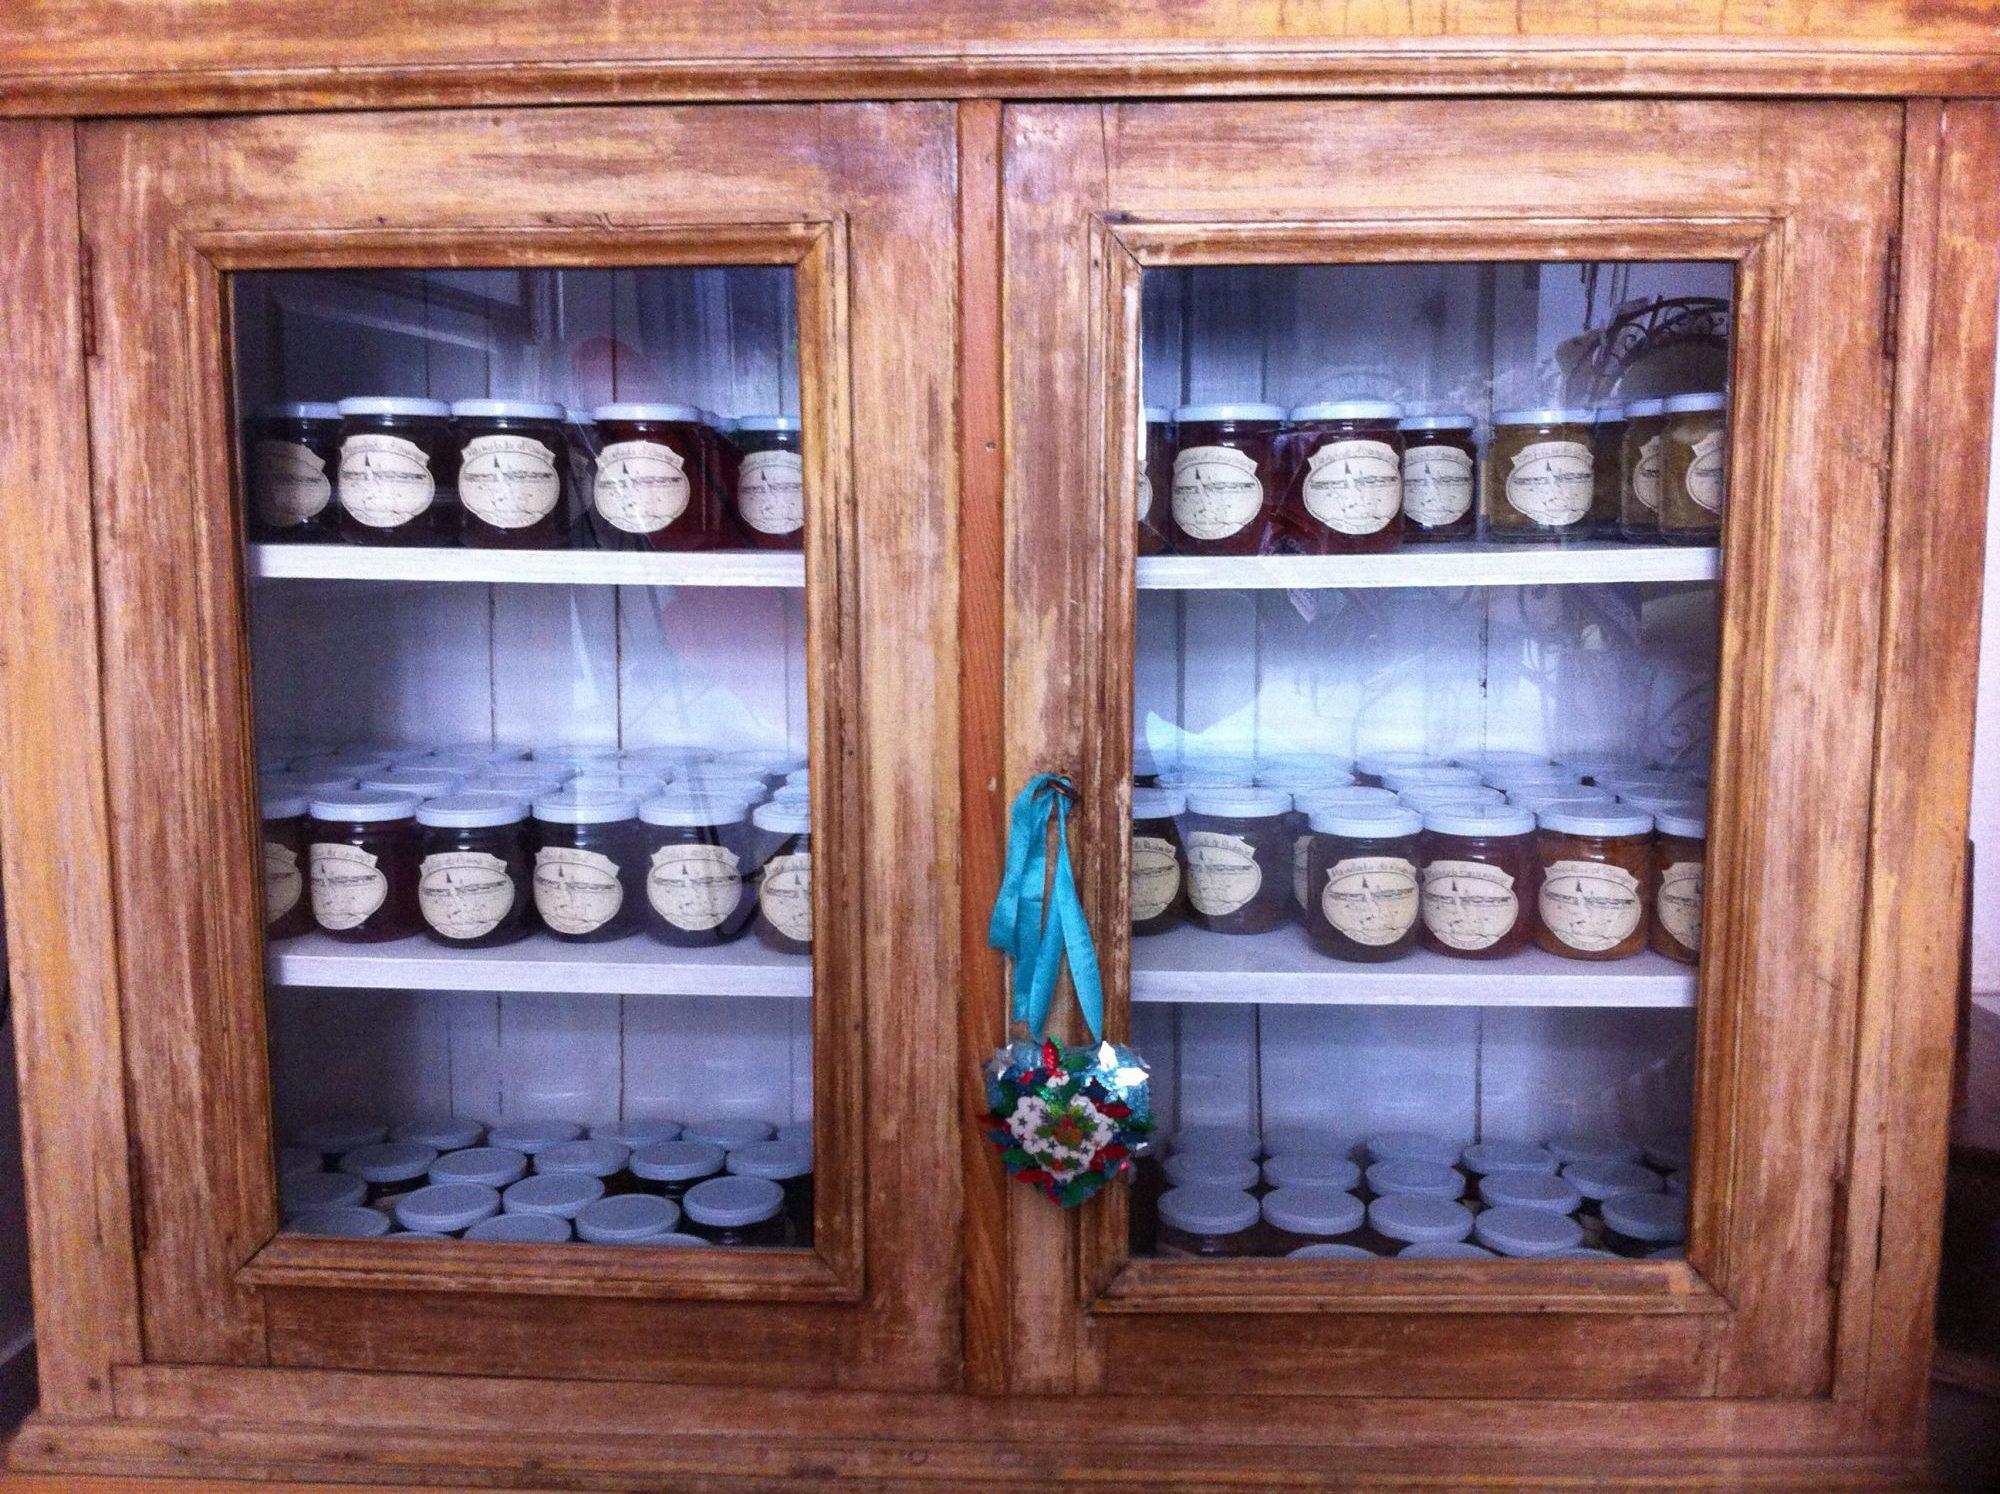 Confitures agrumes et fruits d 39 t chambres d h tes les - Chambres d hotes perpignan et alentours ...